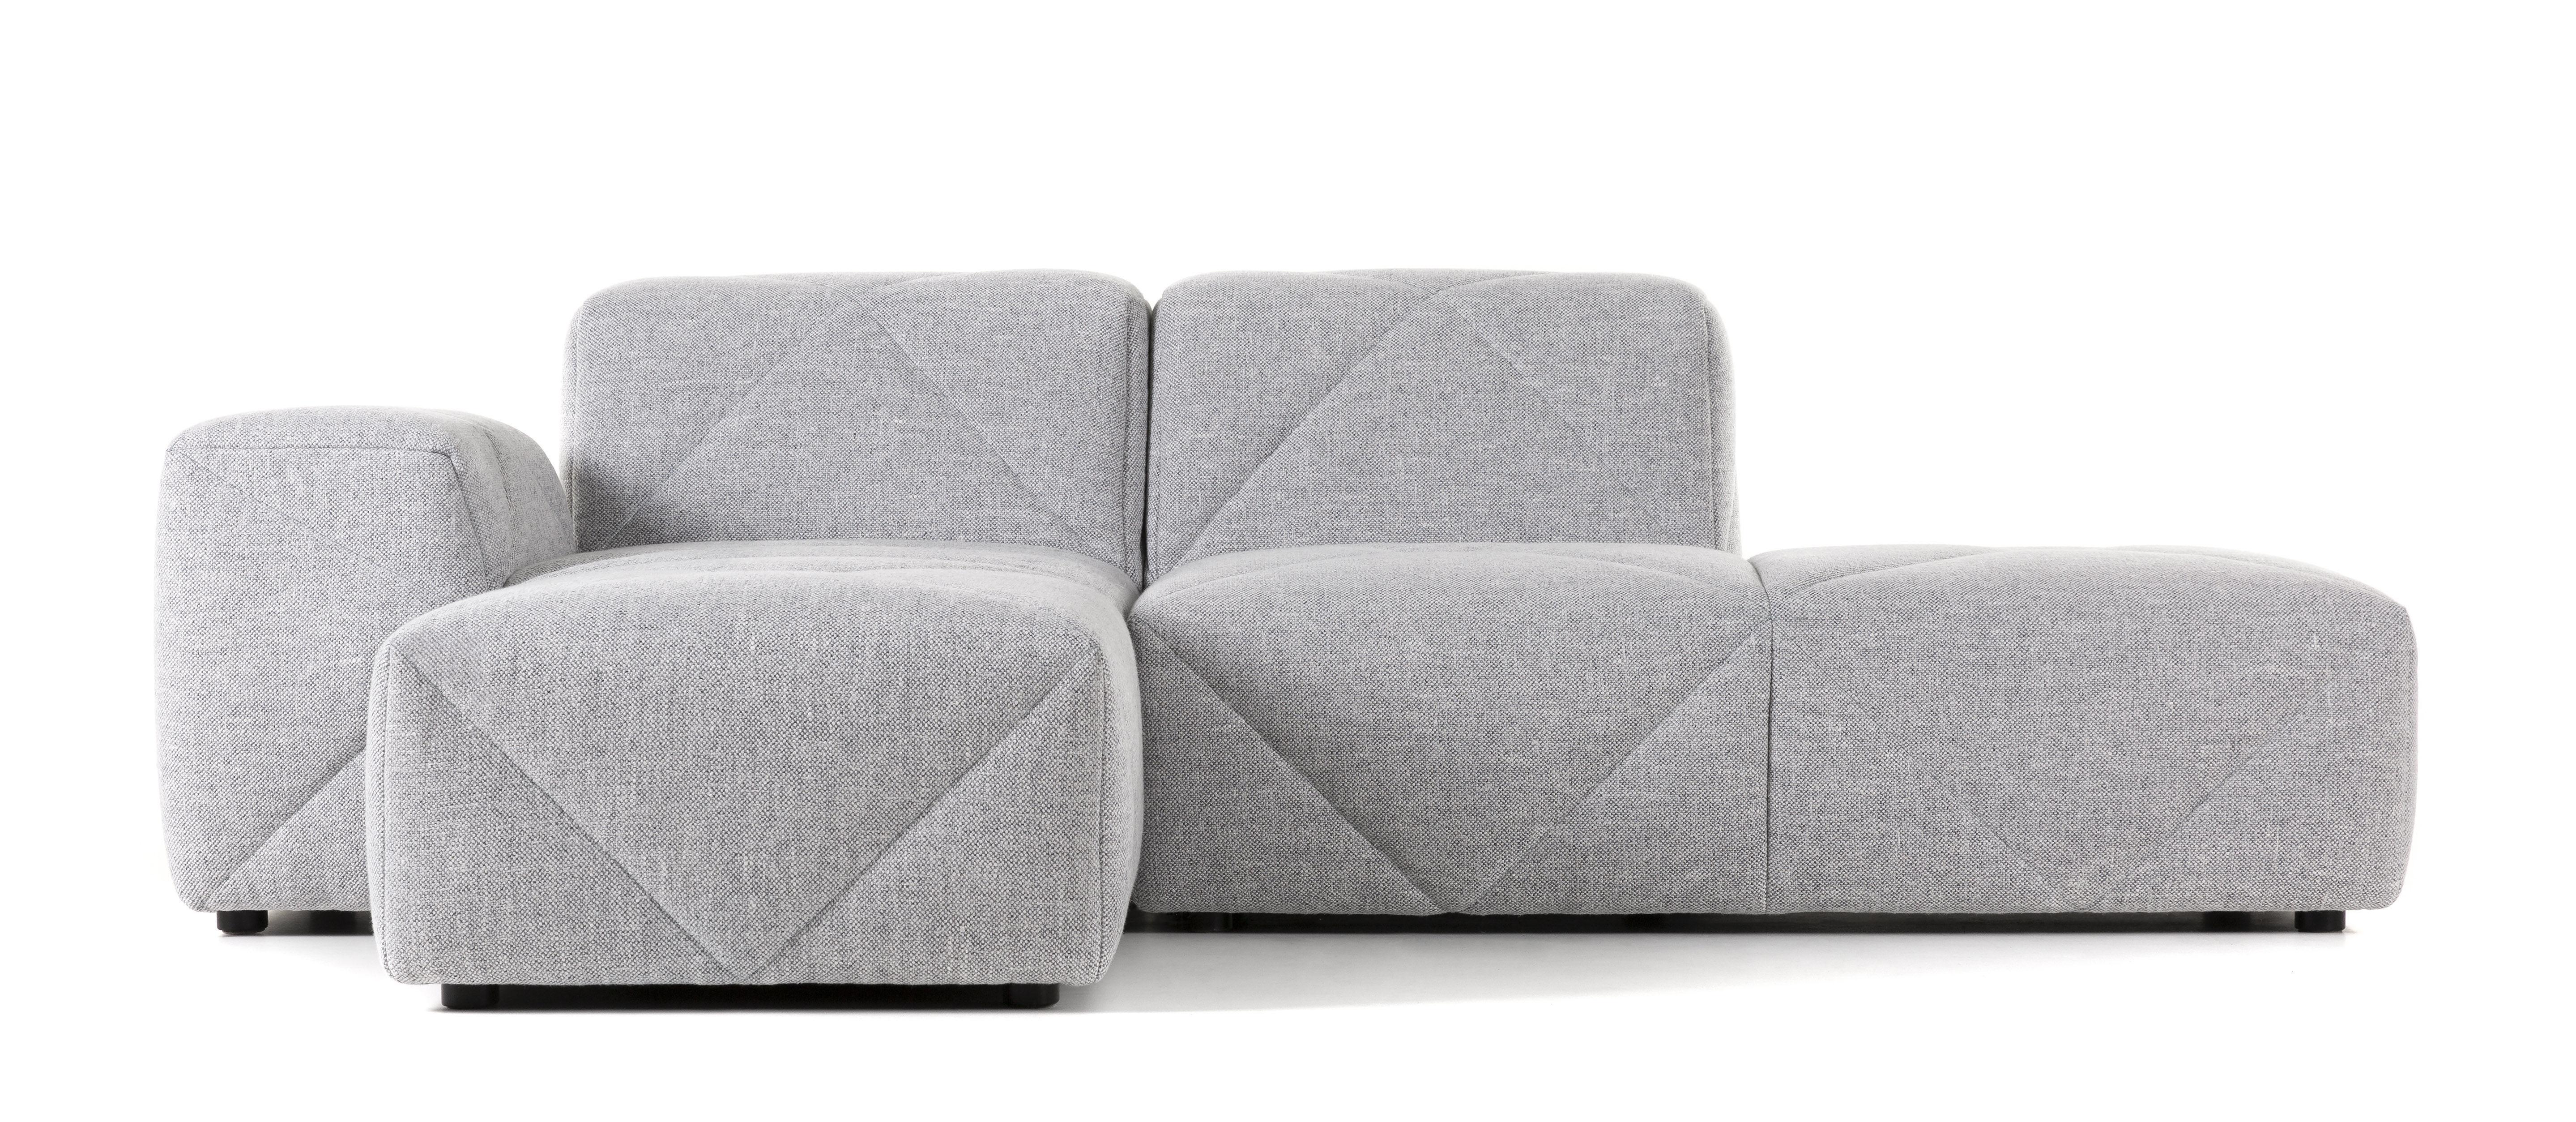 Mobilier - Canapés - Canapé d'angle BFF / Accoudoir gauche - L 221 - Moooi - Accoudoir gauche/ Gris - Bois, Mousse, Tissu